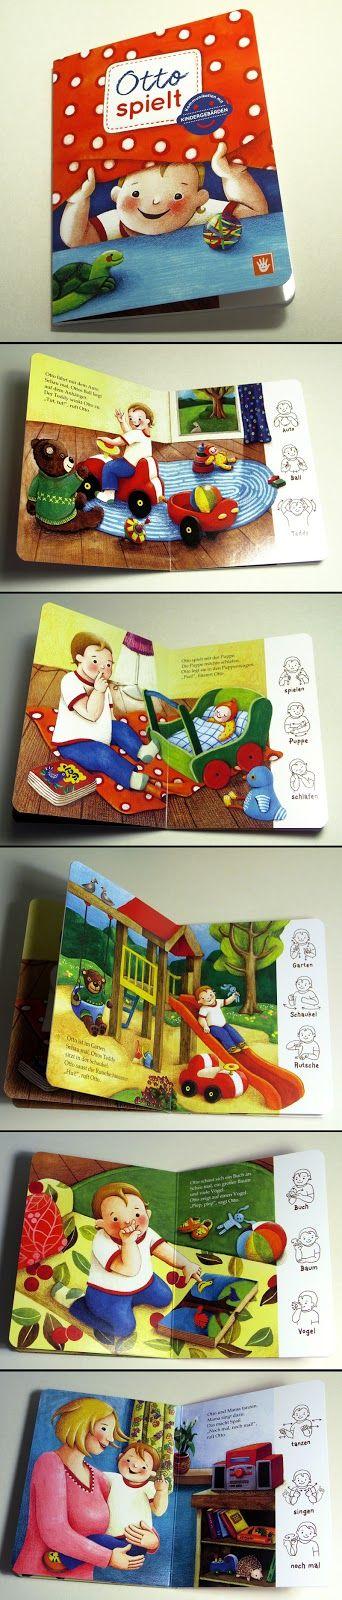 Otto spielt - Ein Bilderbuch mit  #Gebärden #Babyzeichensprache #Babysigns